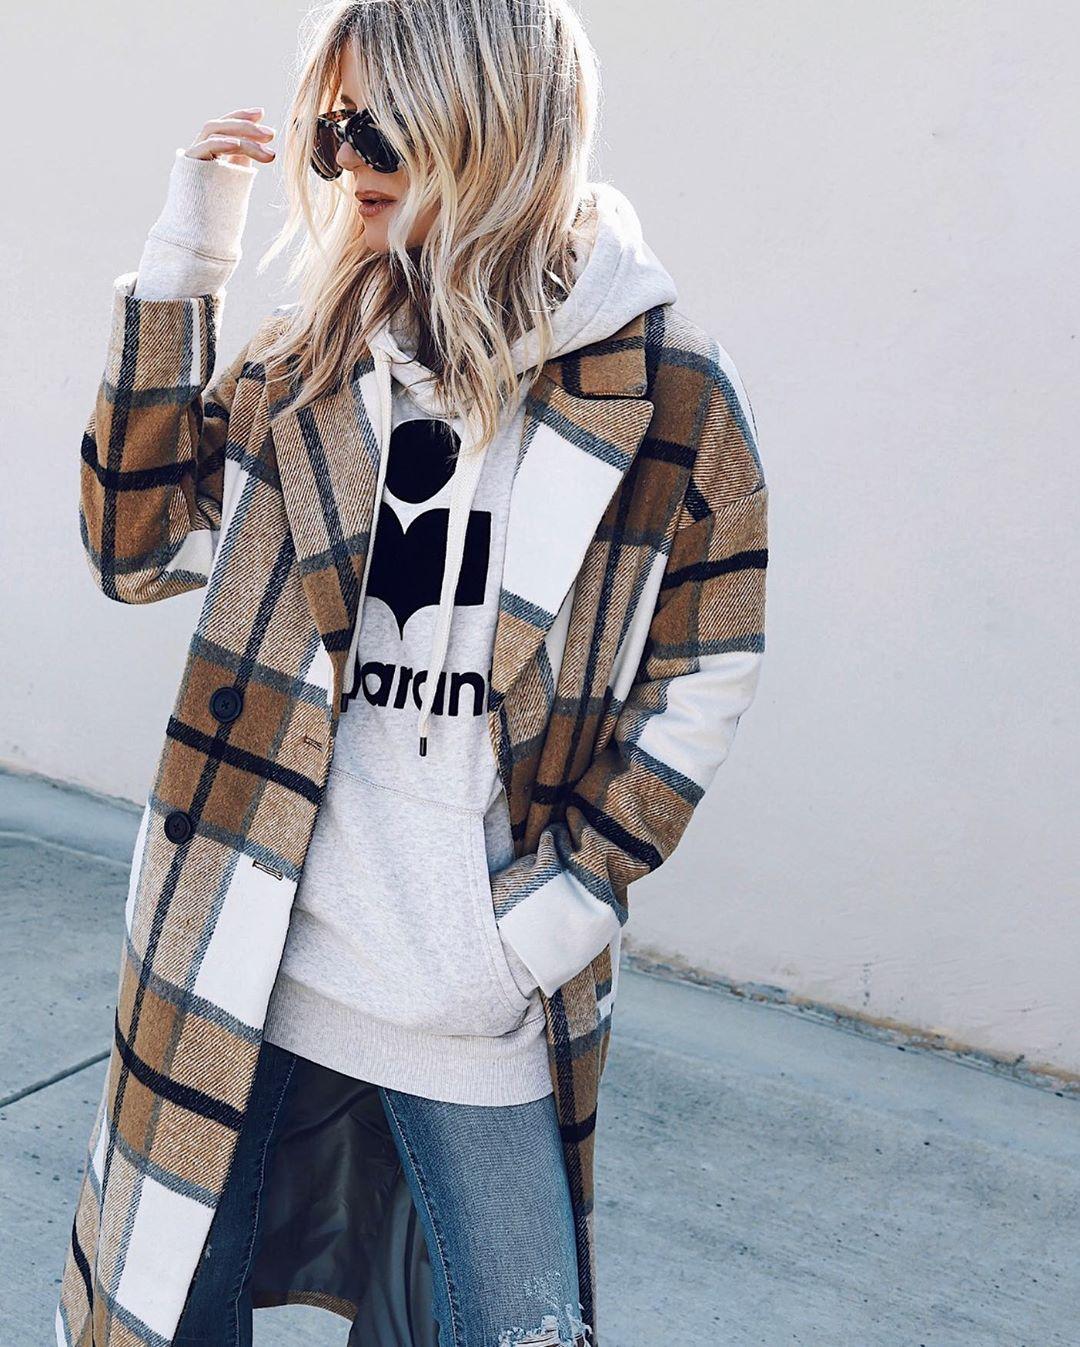 модные луки зима 2020 фото 4